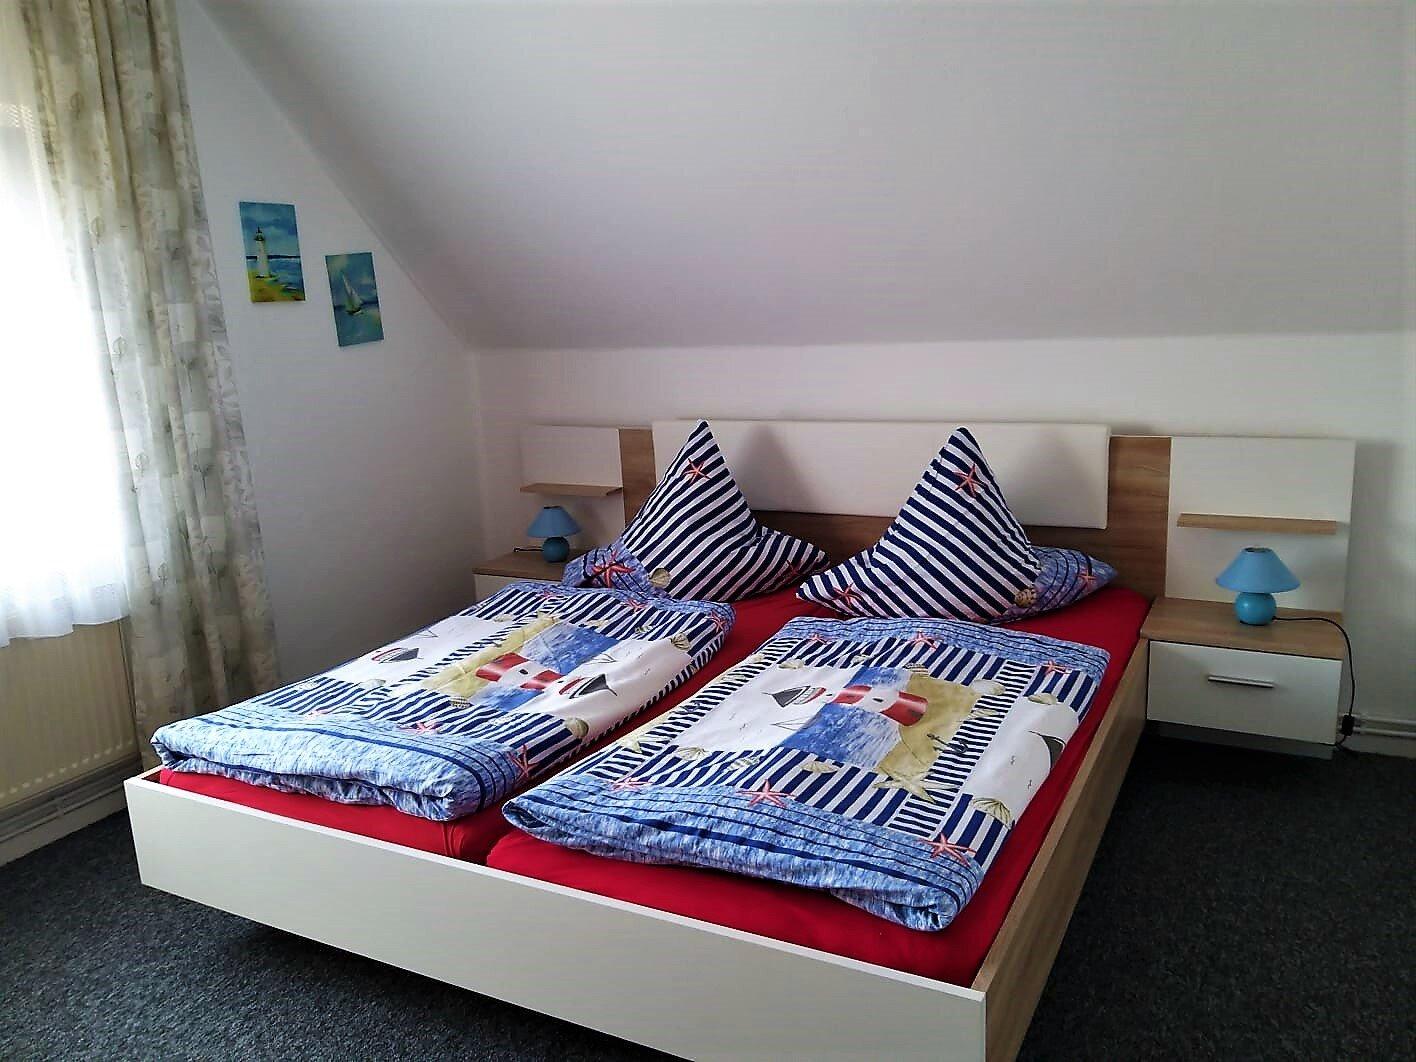 Oberwohnung Schlafzimmer